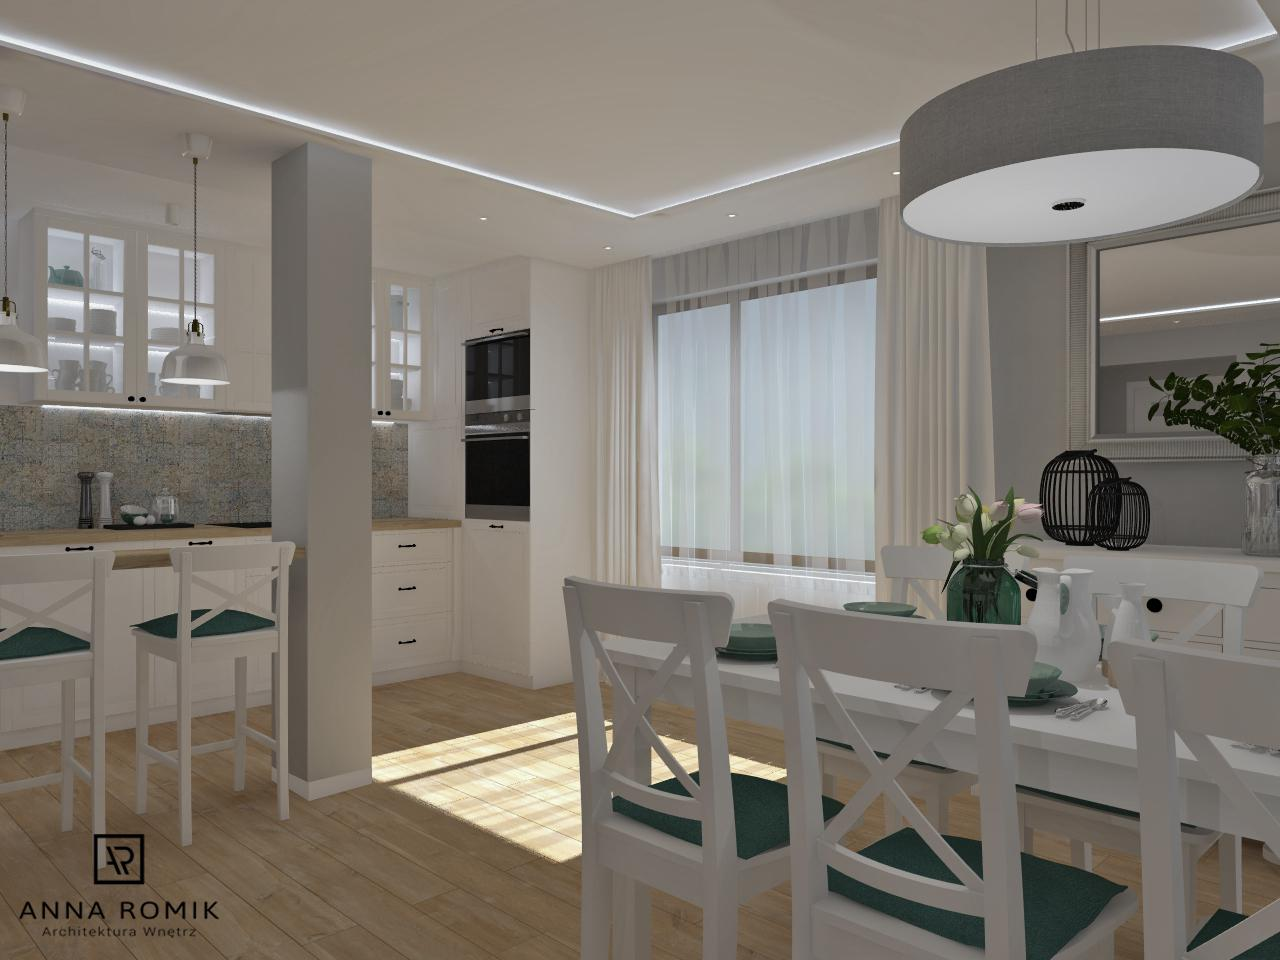 Salon Z Kuchnią Sułkowice 40 M2